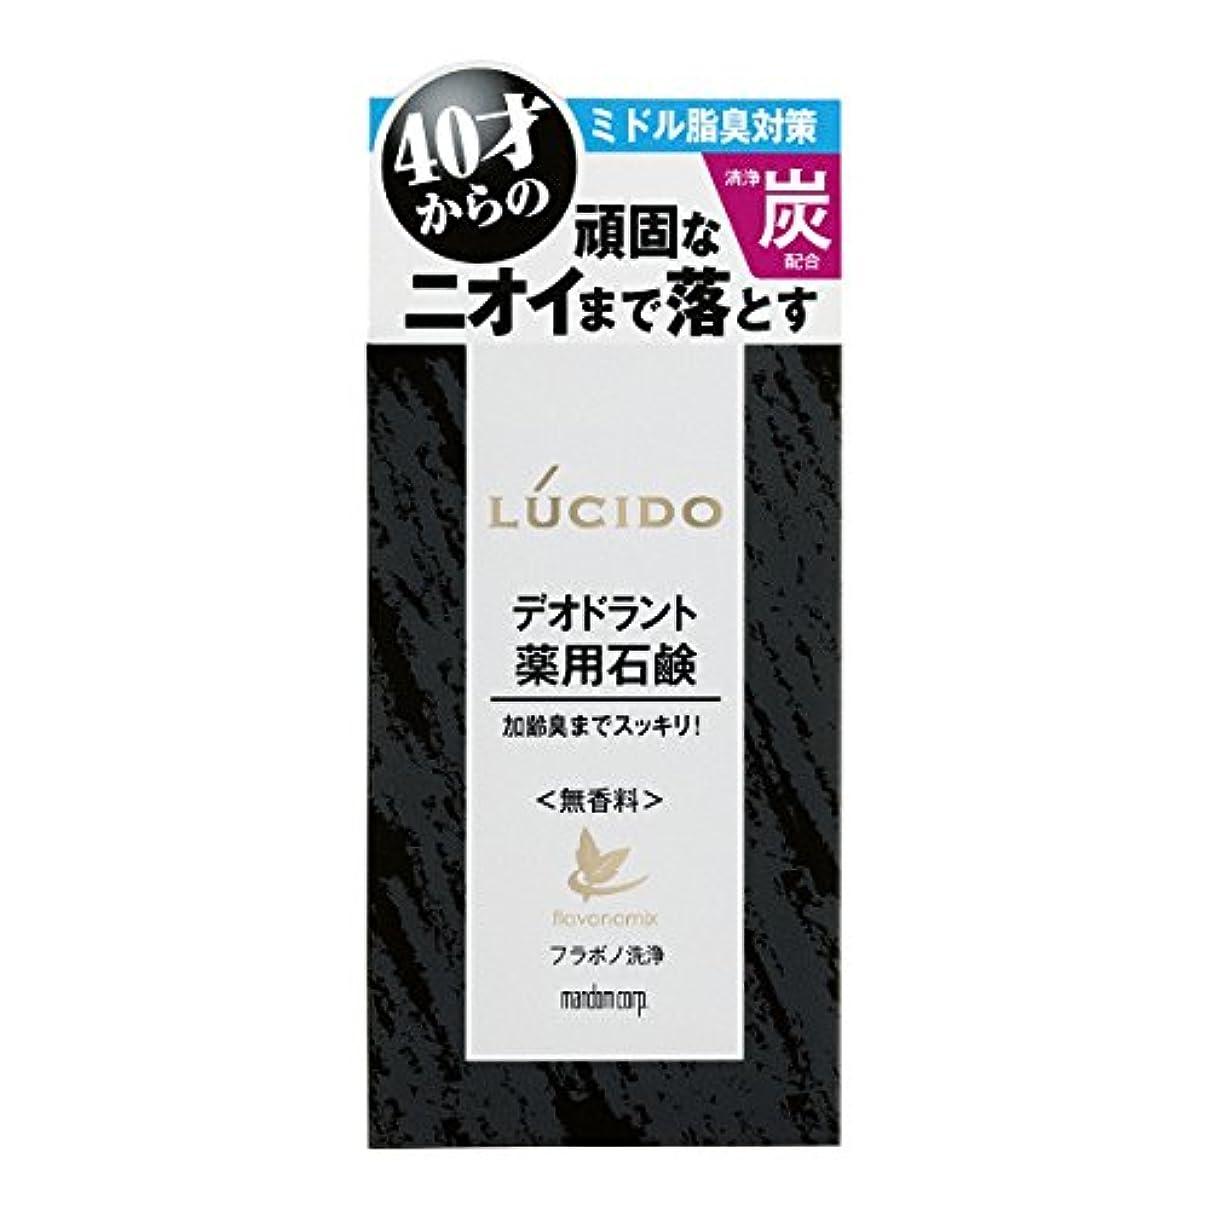 くまカリングデッキルシード 薬用デオドラント石鹸 100g(医薬部外品)